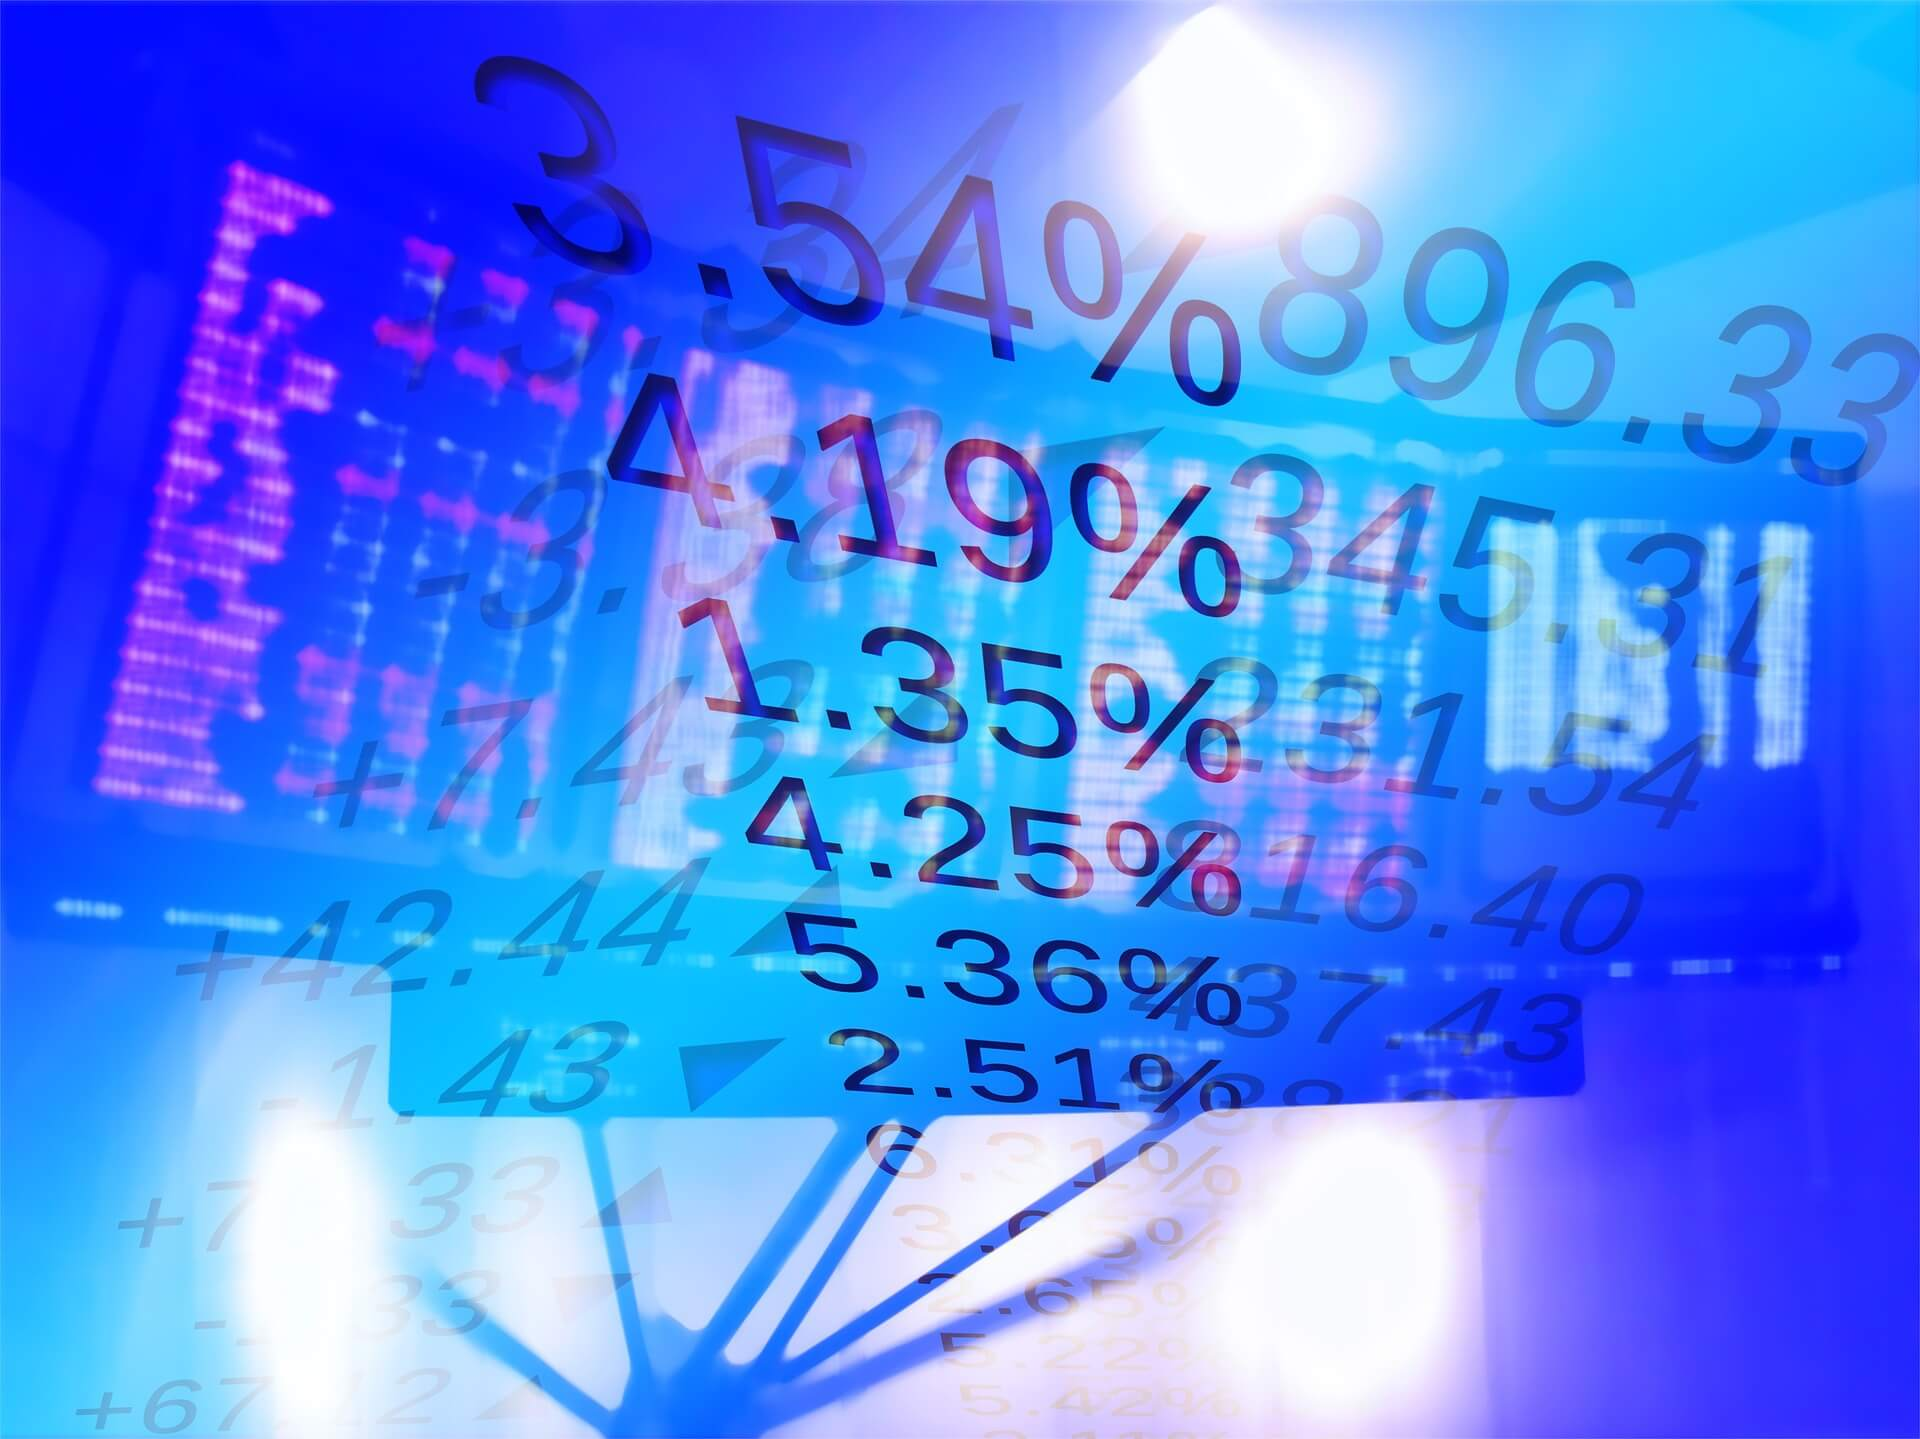 JASDAQの貸借銘柄一覧